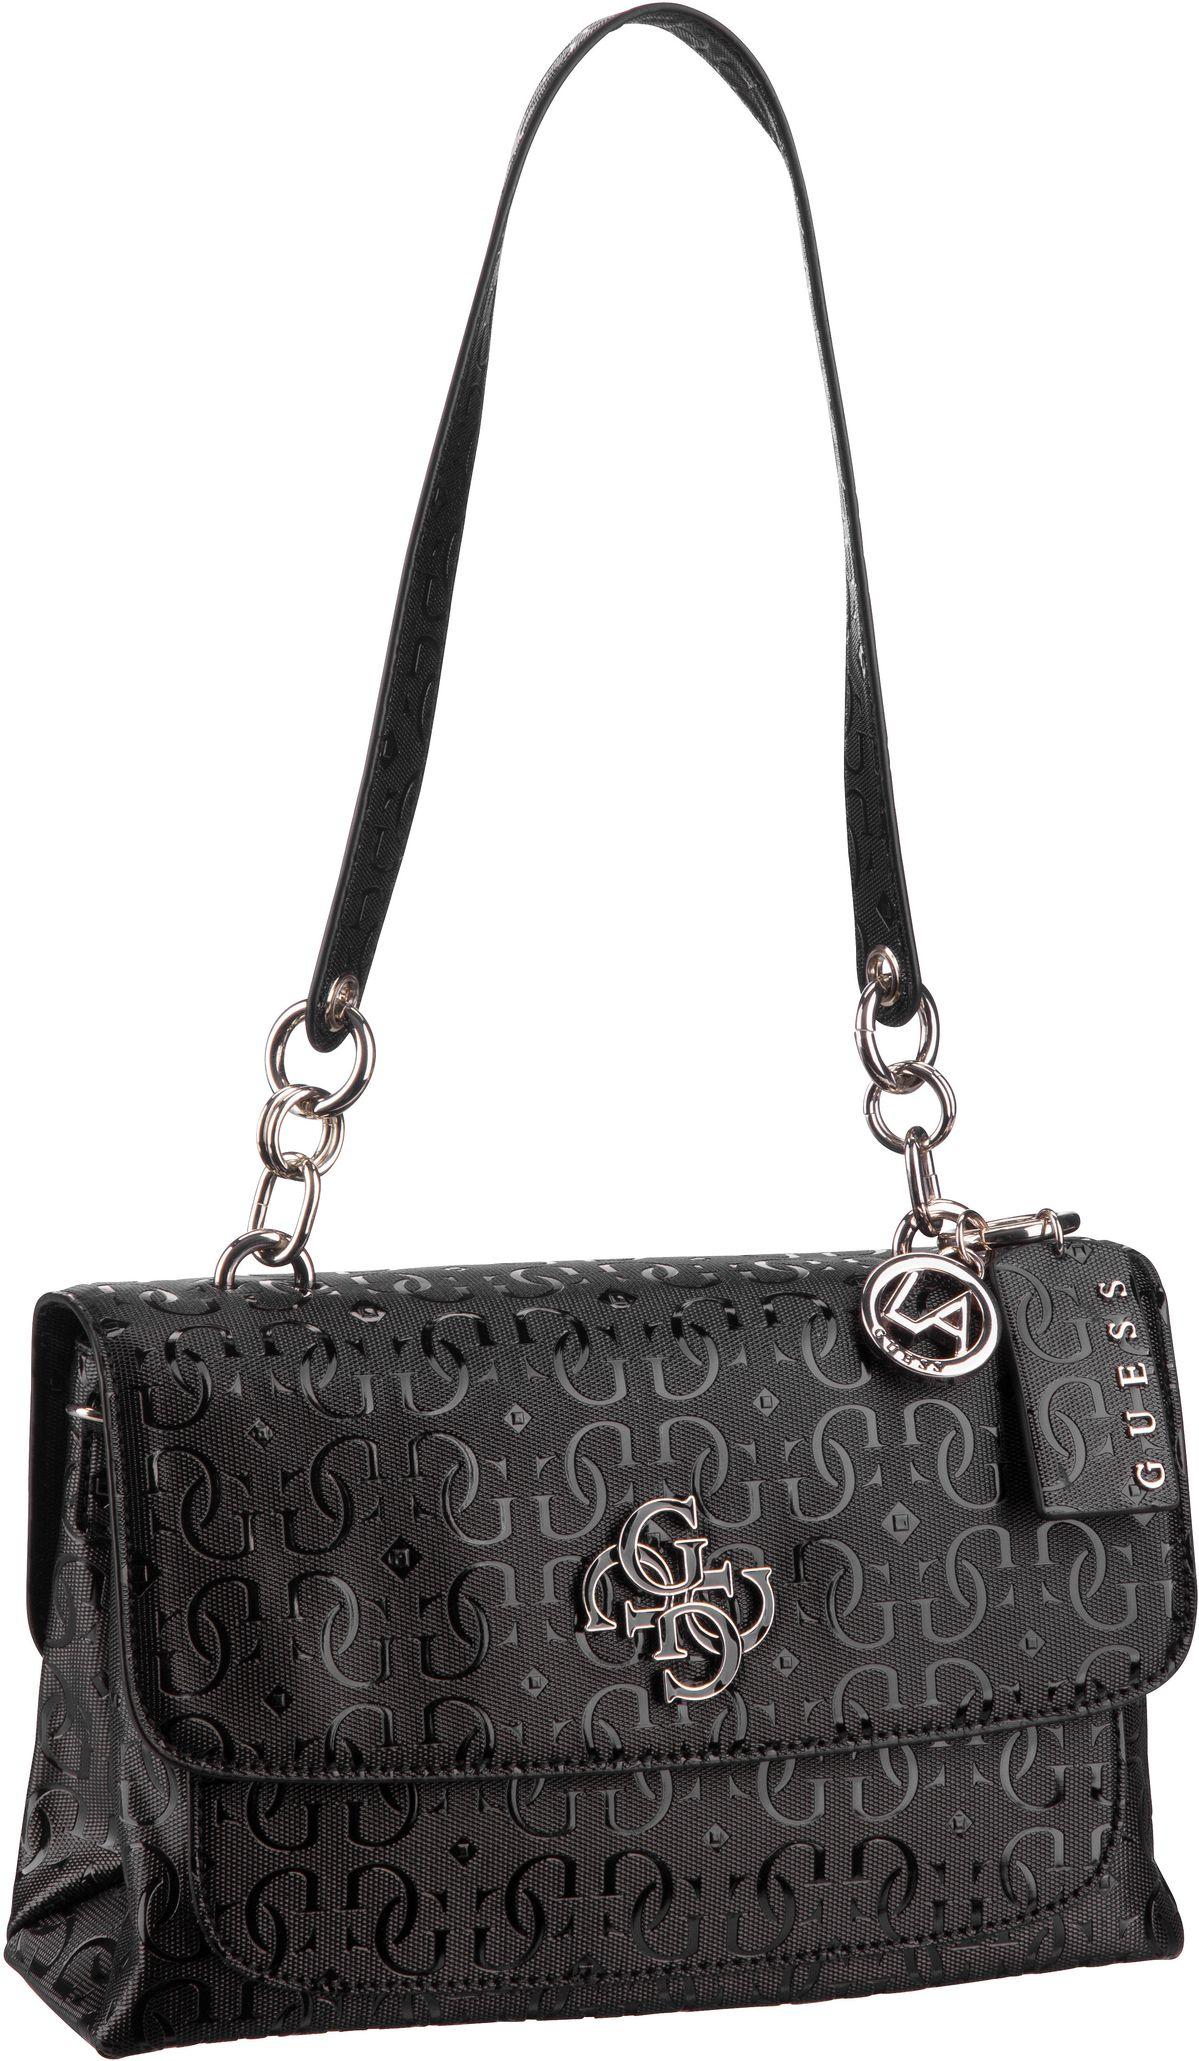 Handtasche Chic Shine Shoulder Bag Black